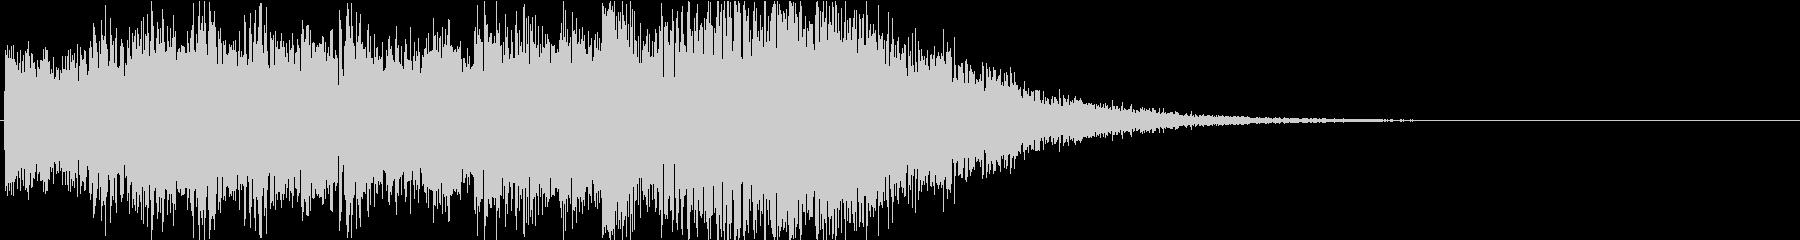 マリンバの軽快サウンドロゴの未再生の波形